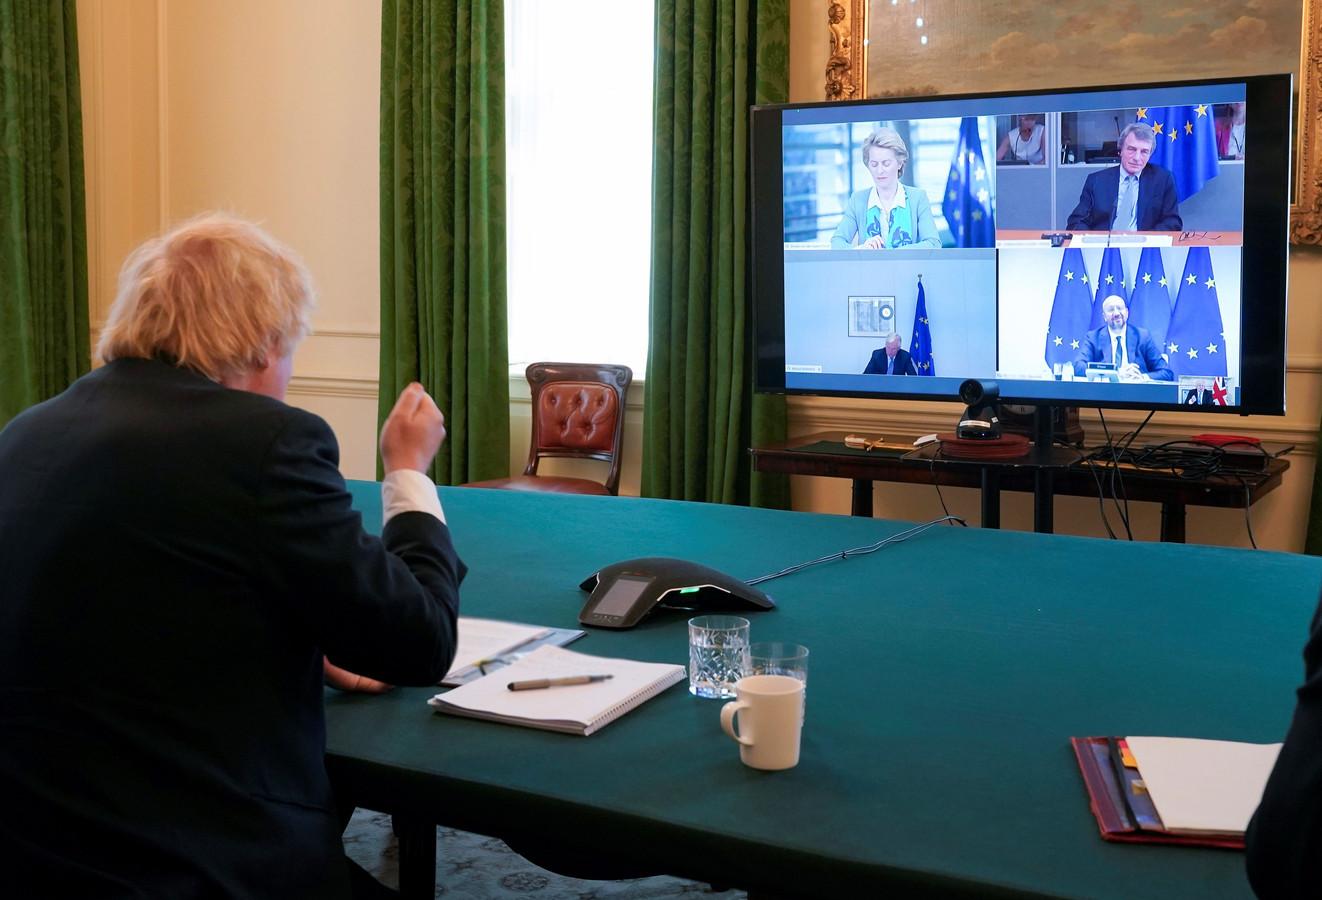 Archiefbeeld van video-overleg tussen Johnson en kopstukken van de EU.